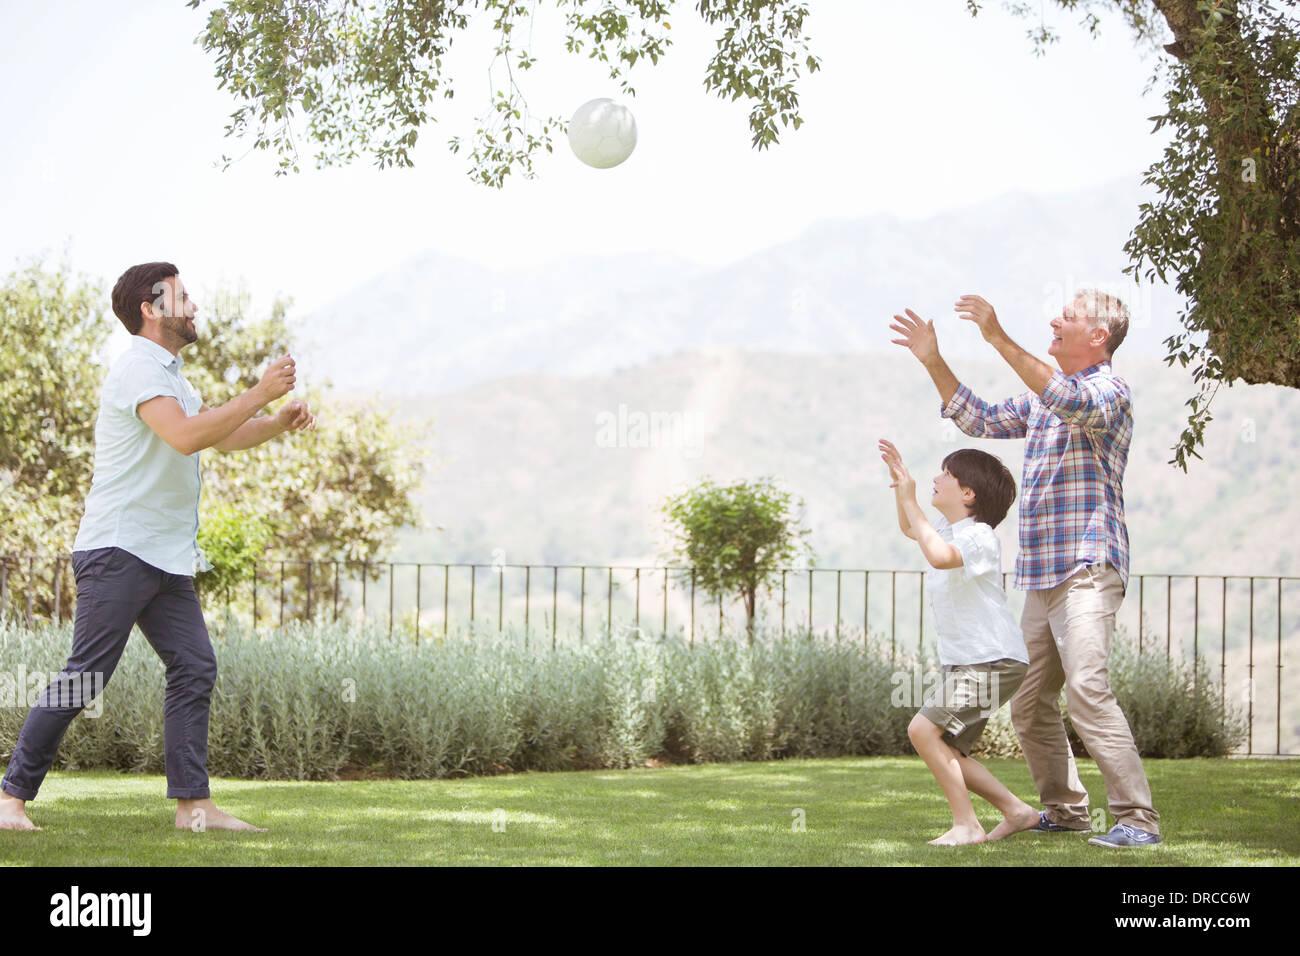 Multi-generazione famiglia giocando a pallavolo in cortile Immagini Stock